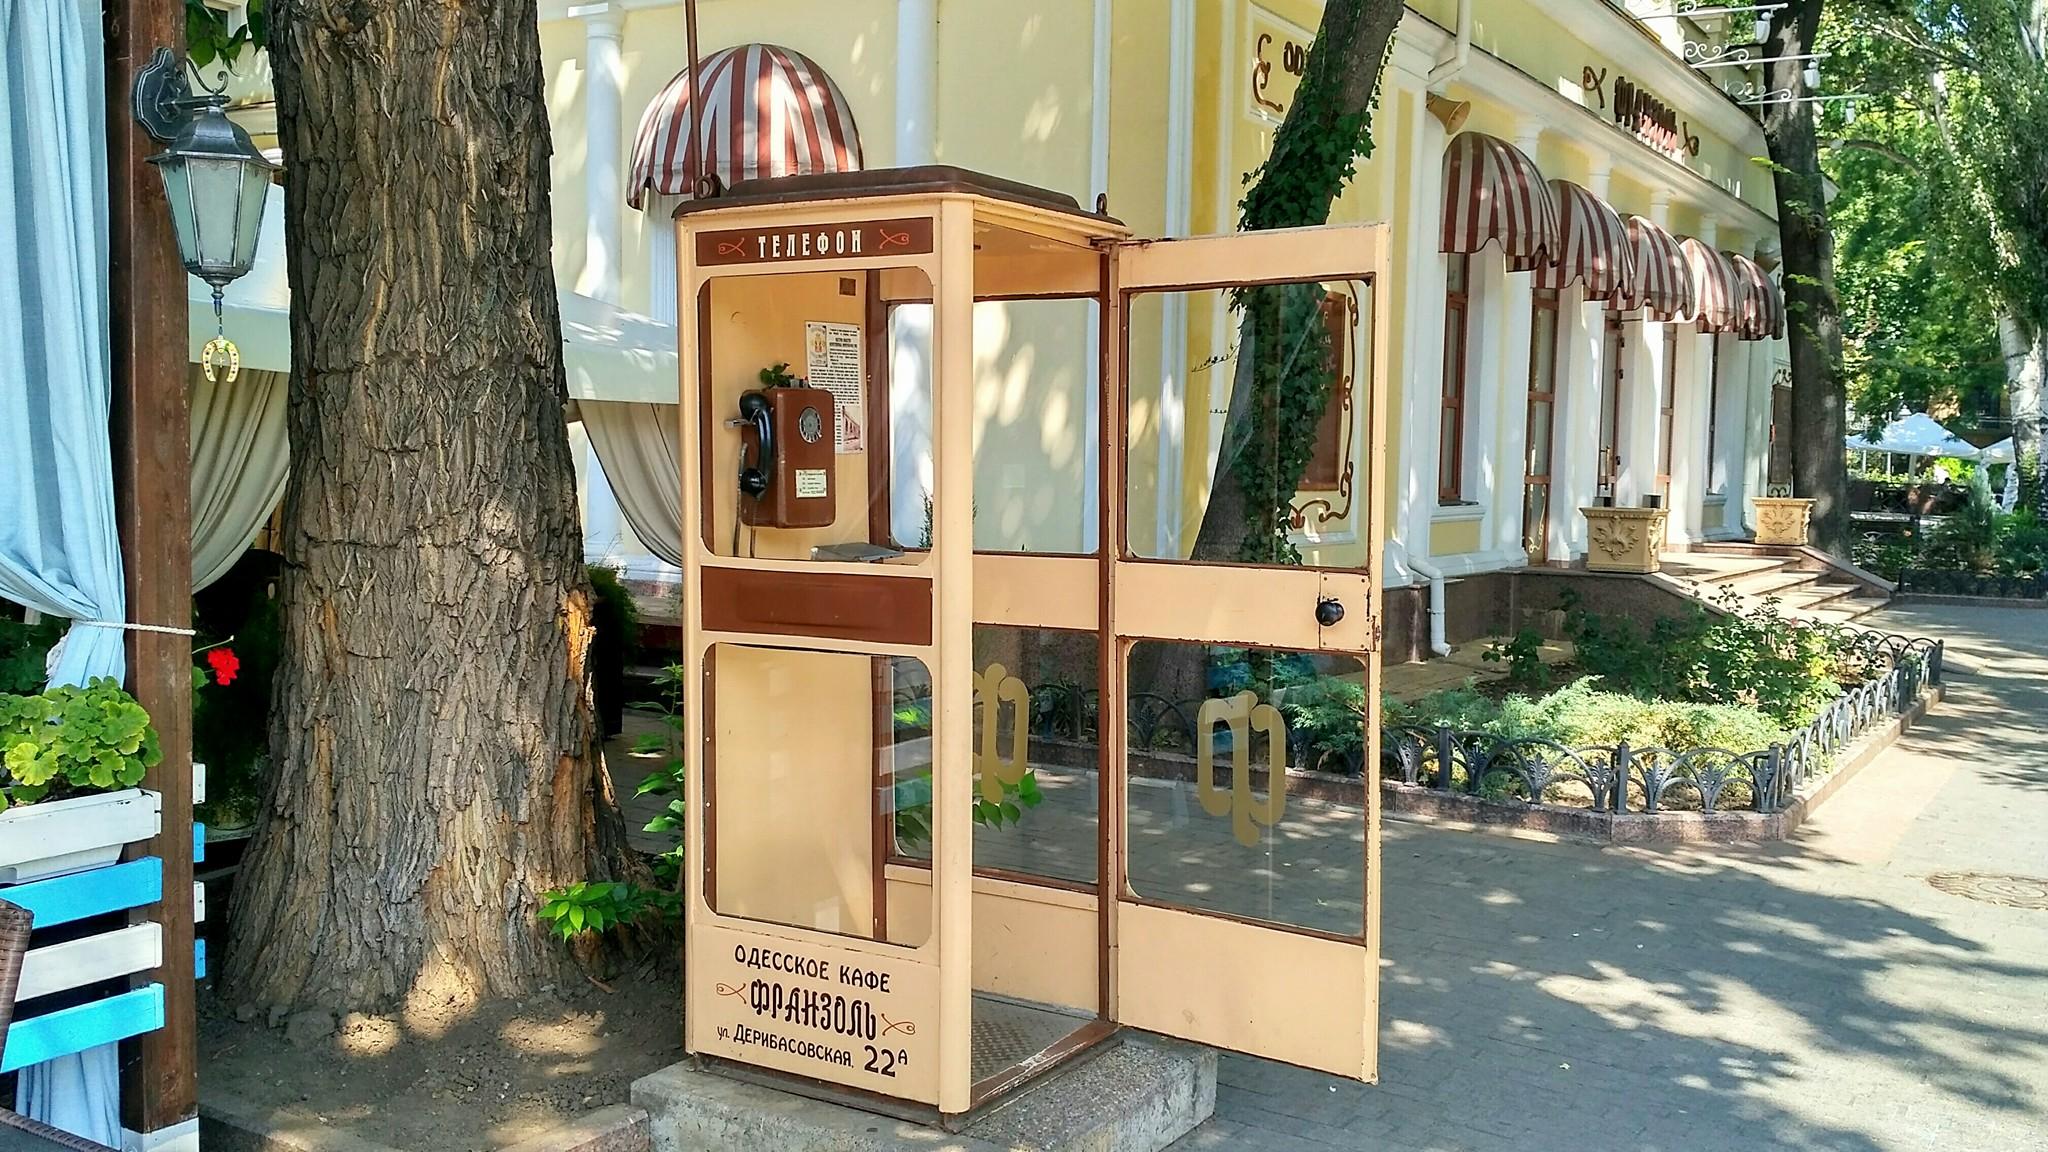 budka telefoniczna w Odessie